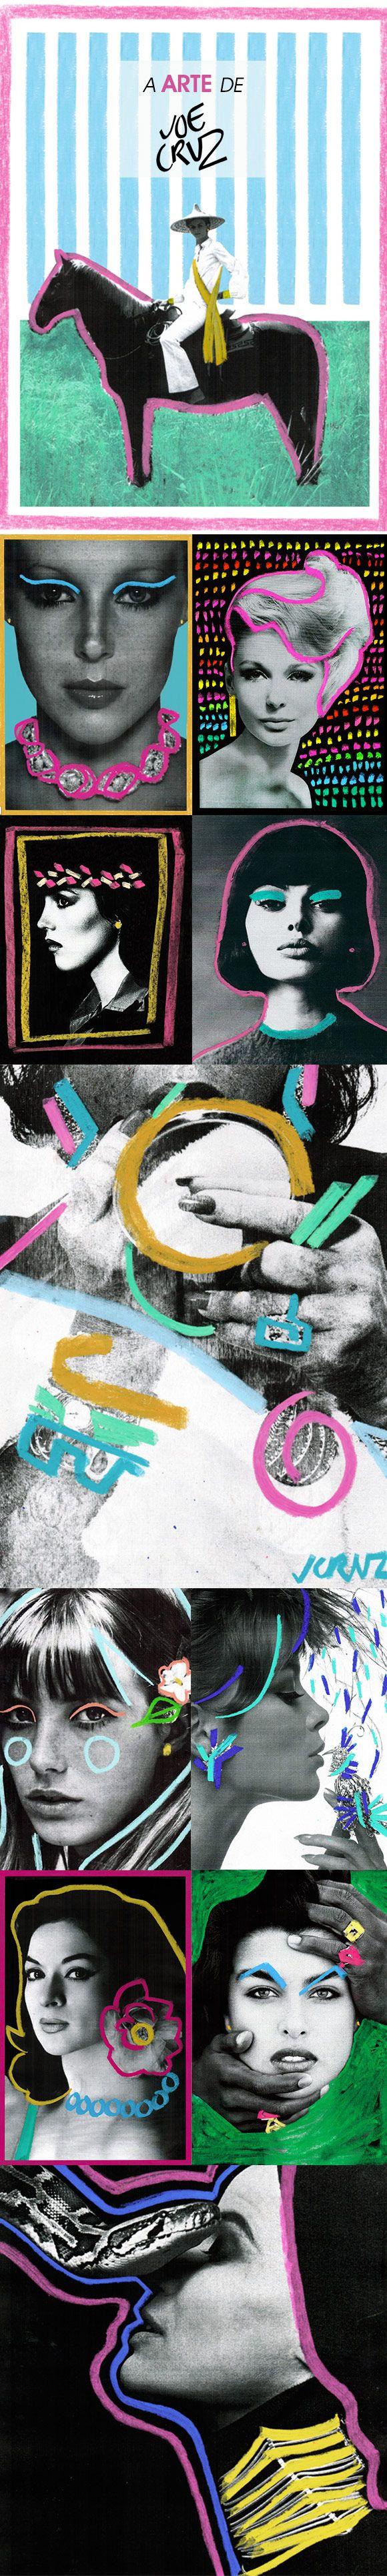 Achados da Bia | Arte | Joe Cruz More